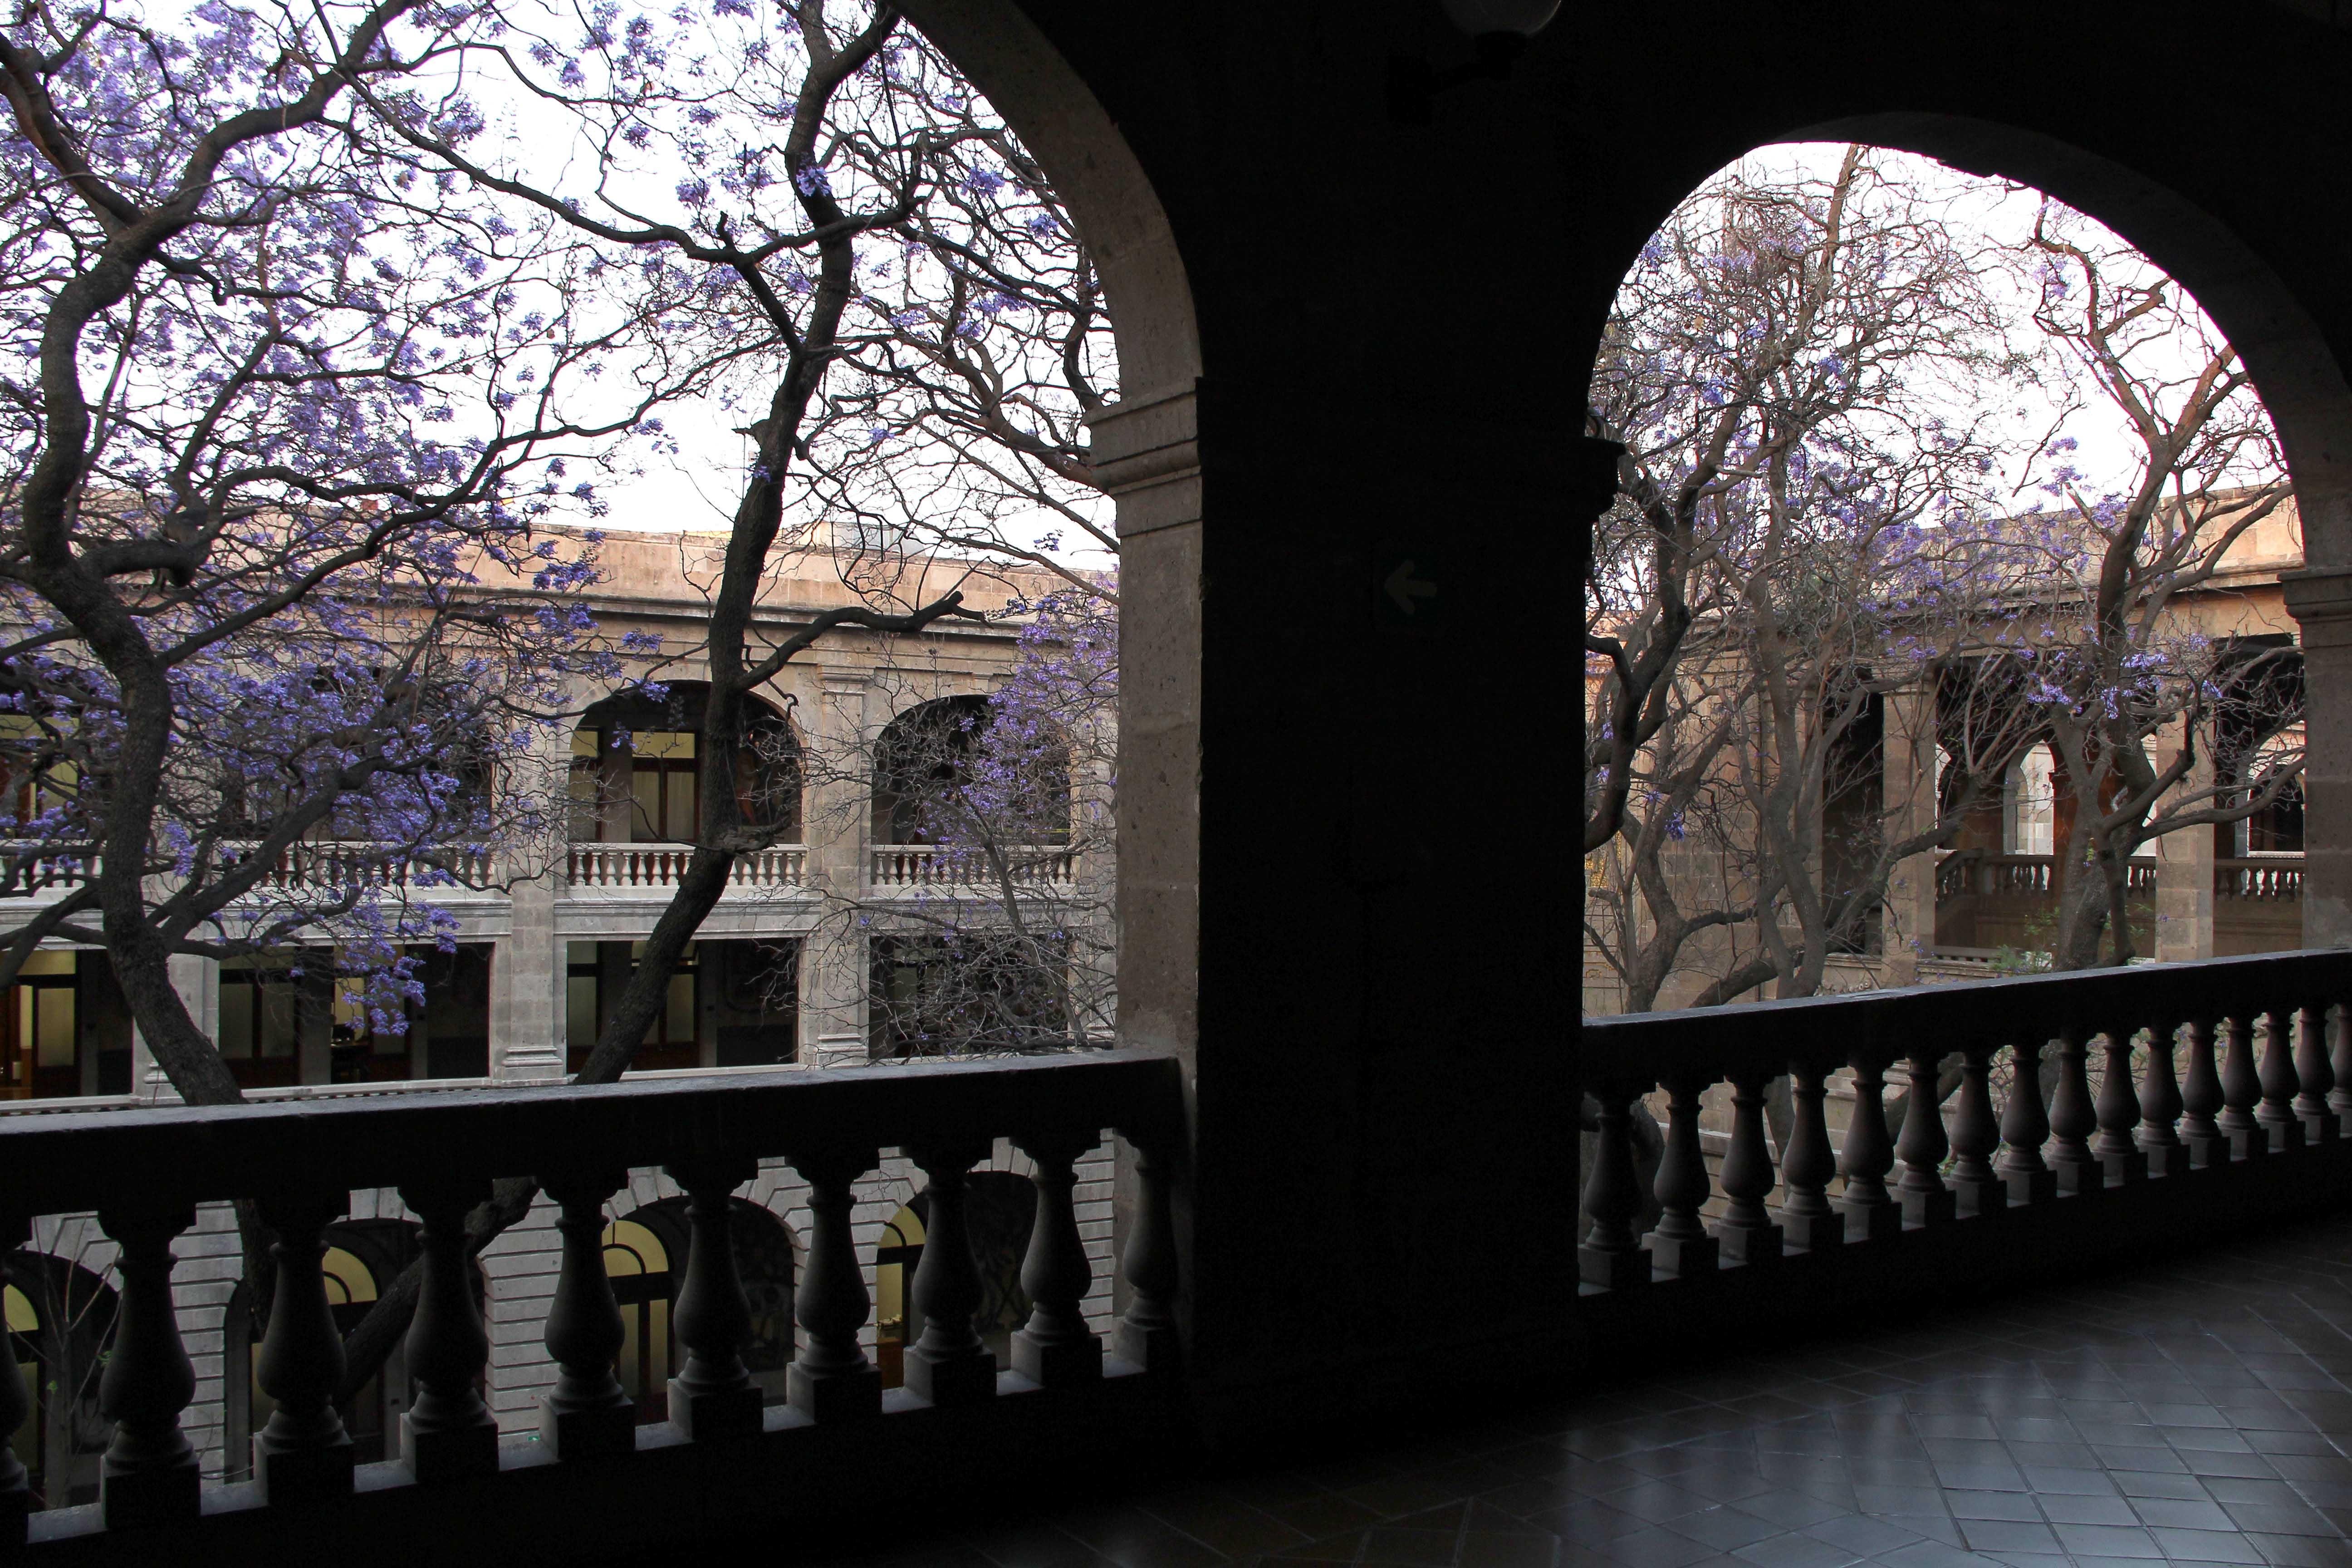 La convocatoria y pre-registro puede consultarse en la página www.conalep.edu.mx.